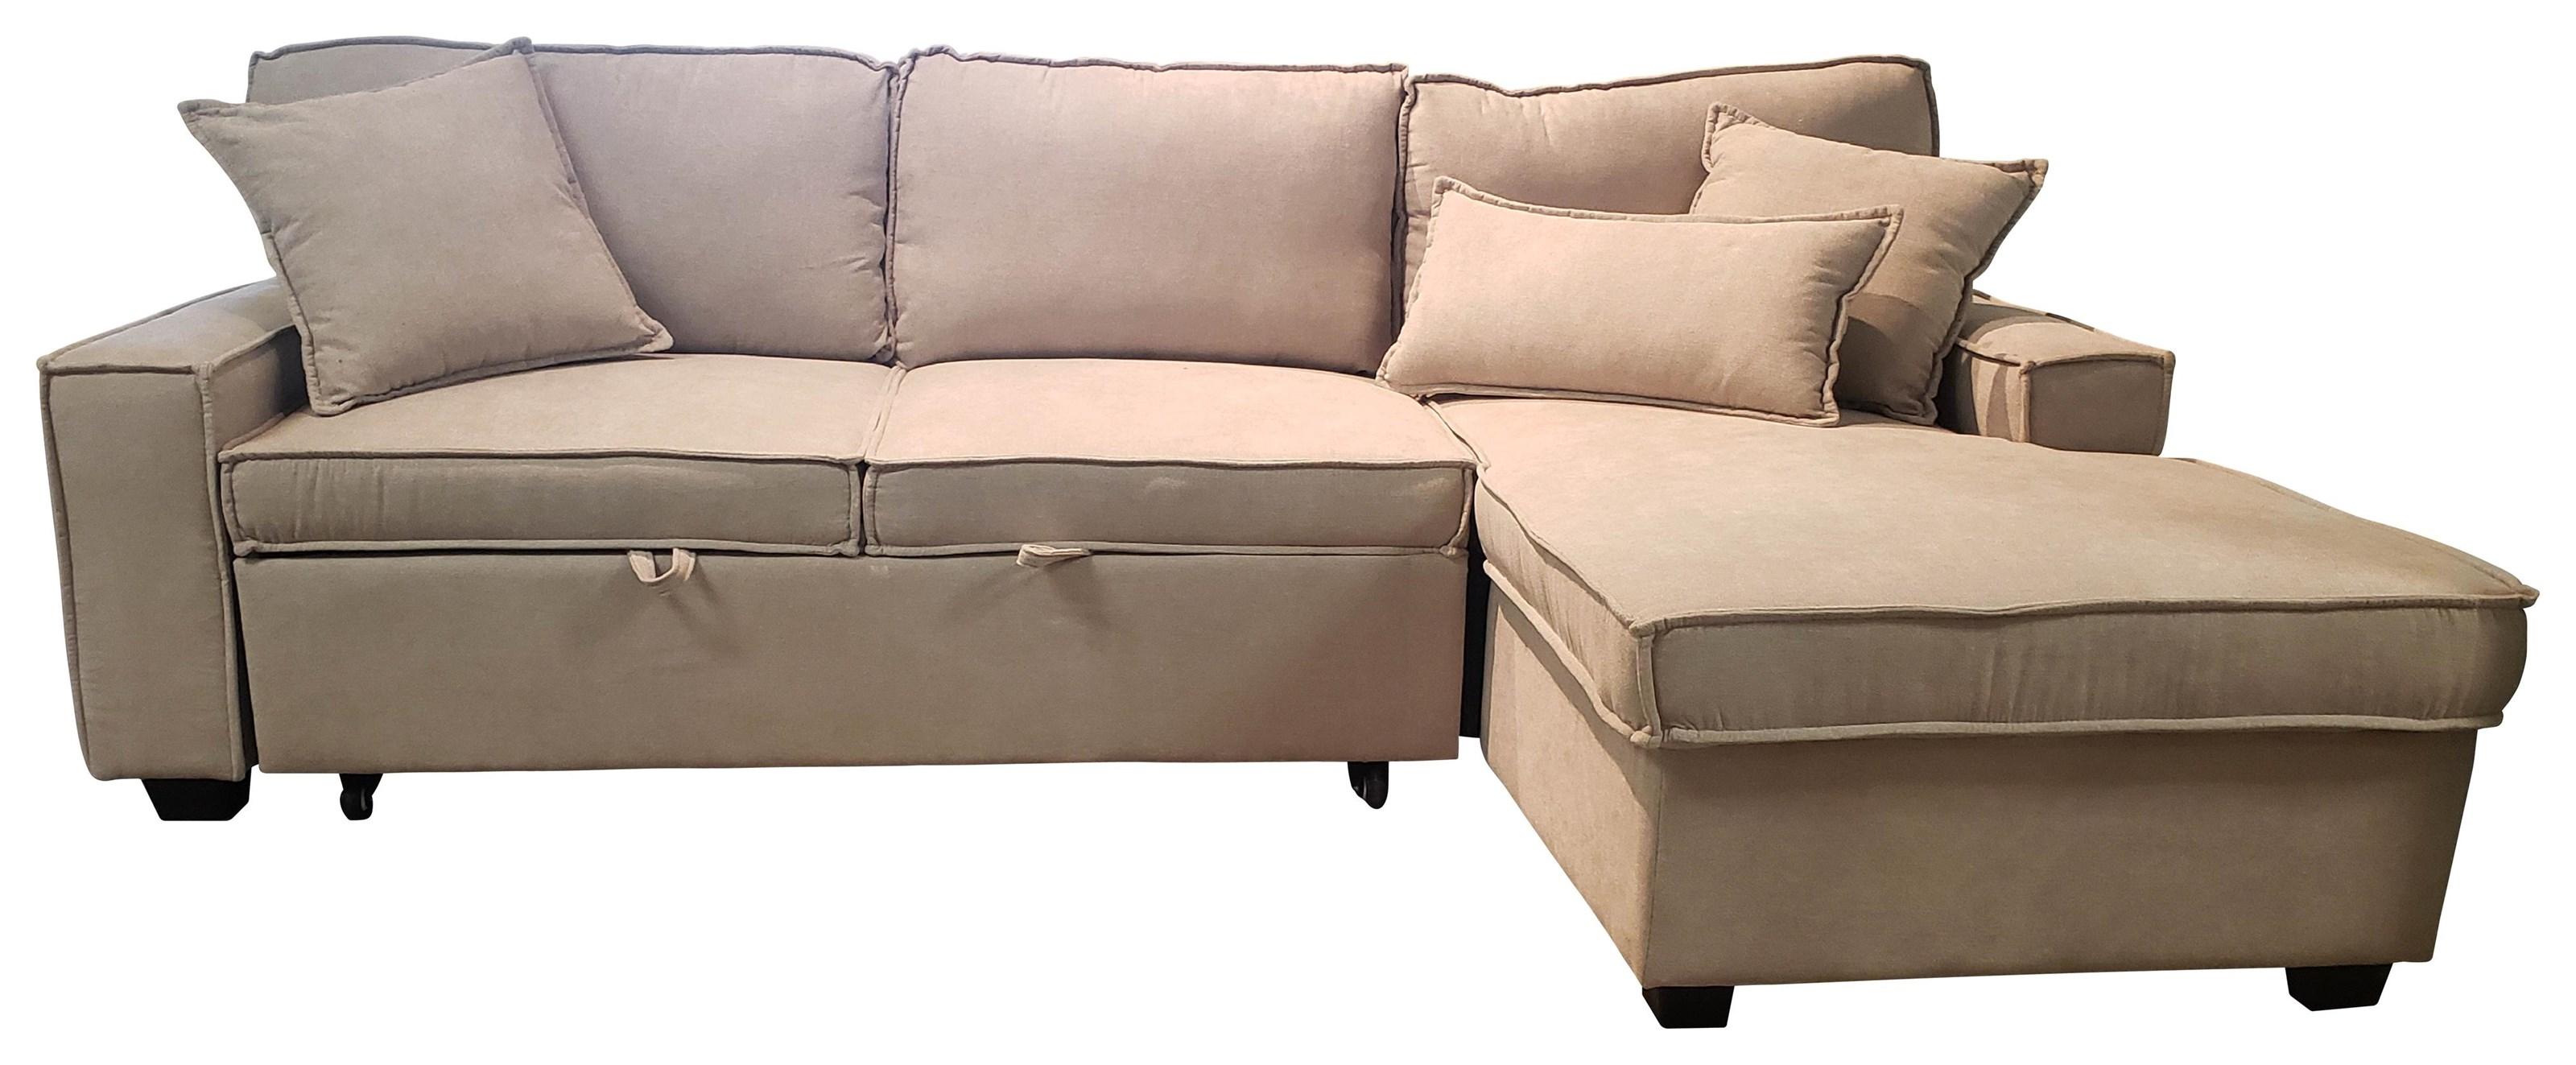 Iris Sleeper Sectional - Beige at Bennett's Furniture and Mattresses